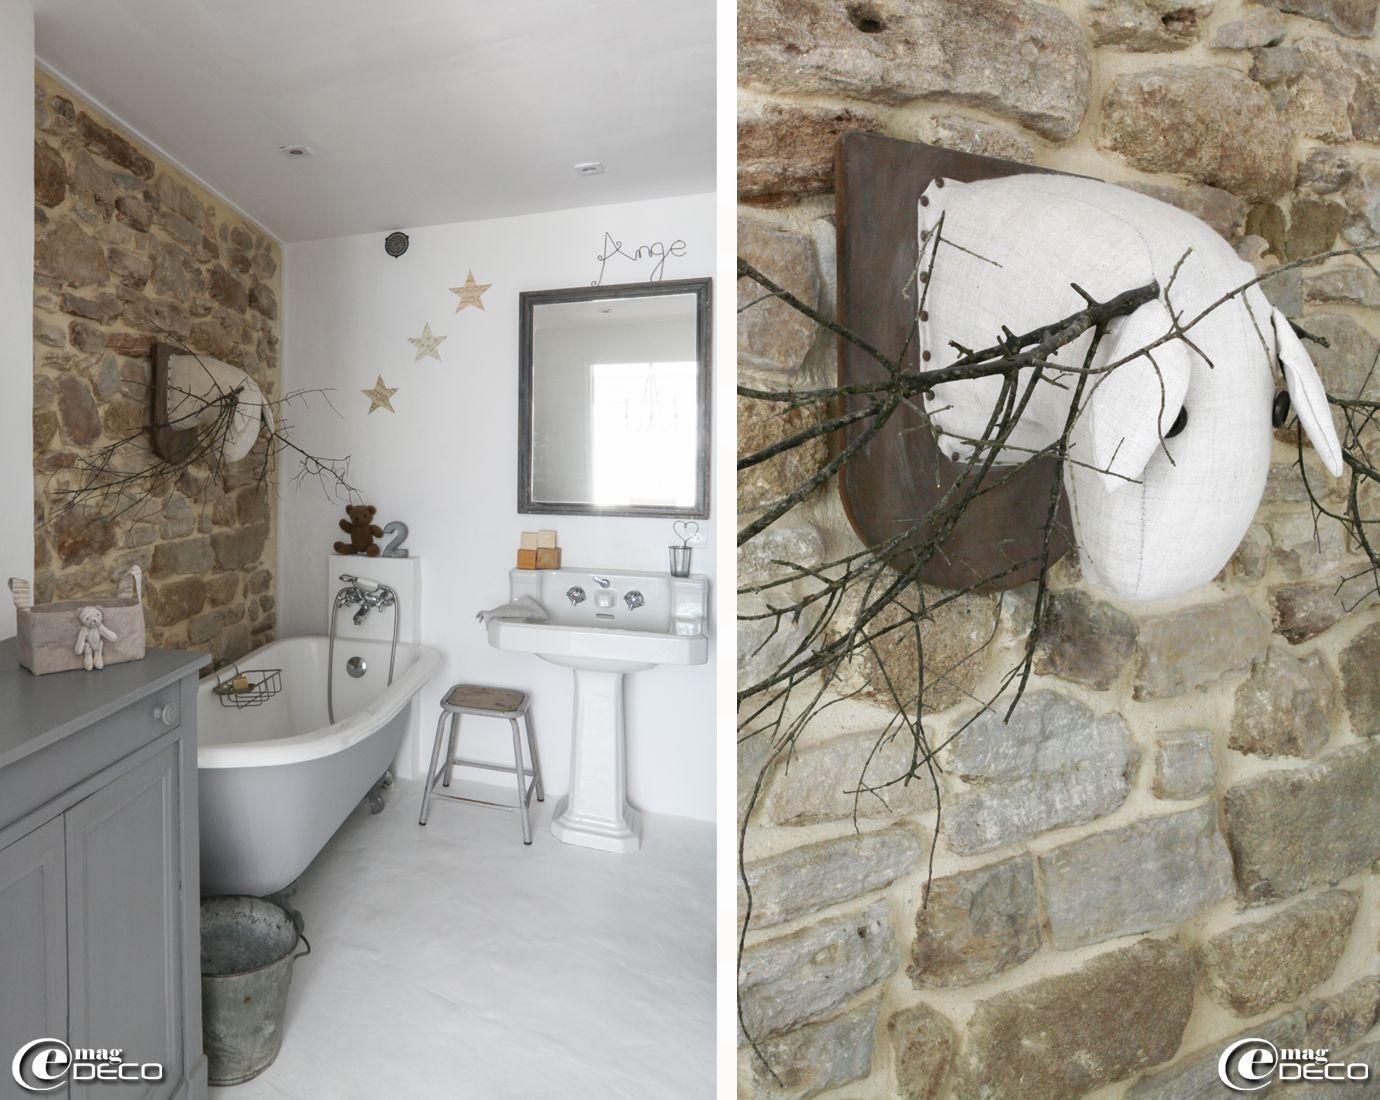 ancienne baignoire sur pieds et lavabo sur colonne d got s. Black Bedroom Furniture Sets. Home Design Ideas